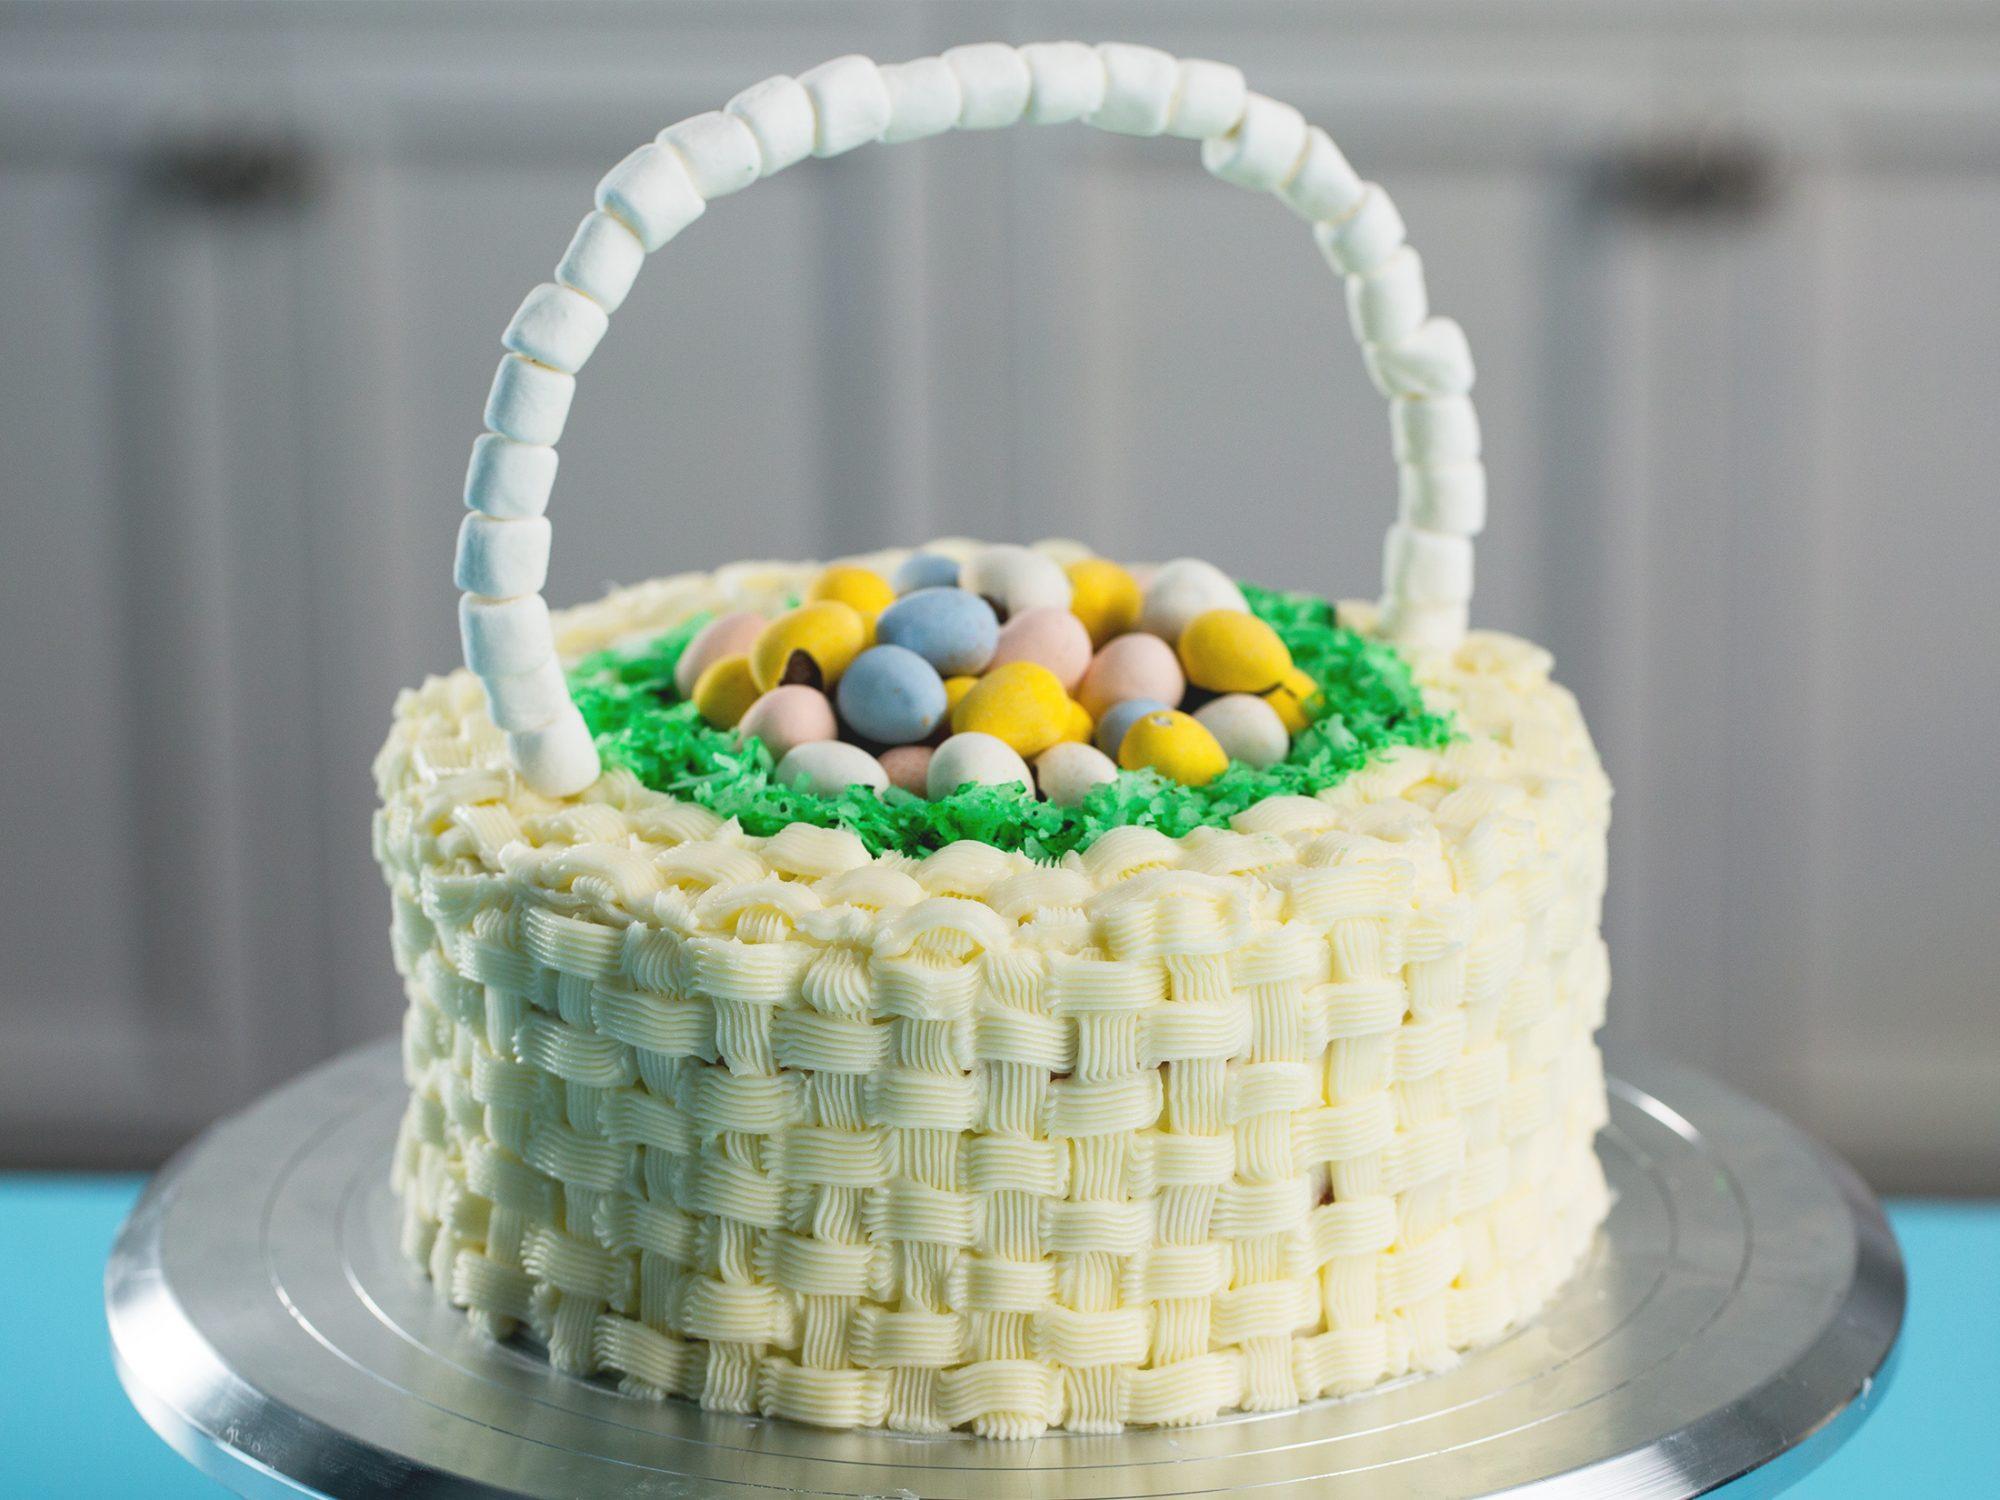 Easter Basket Cake image